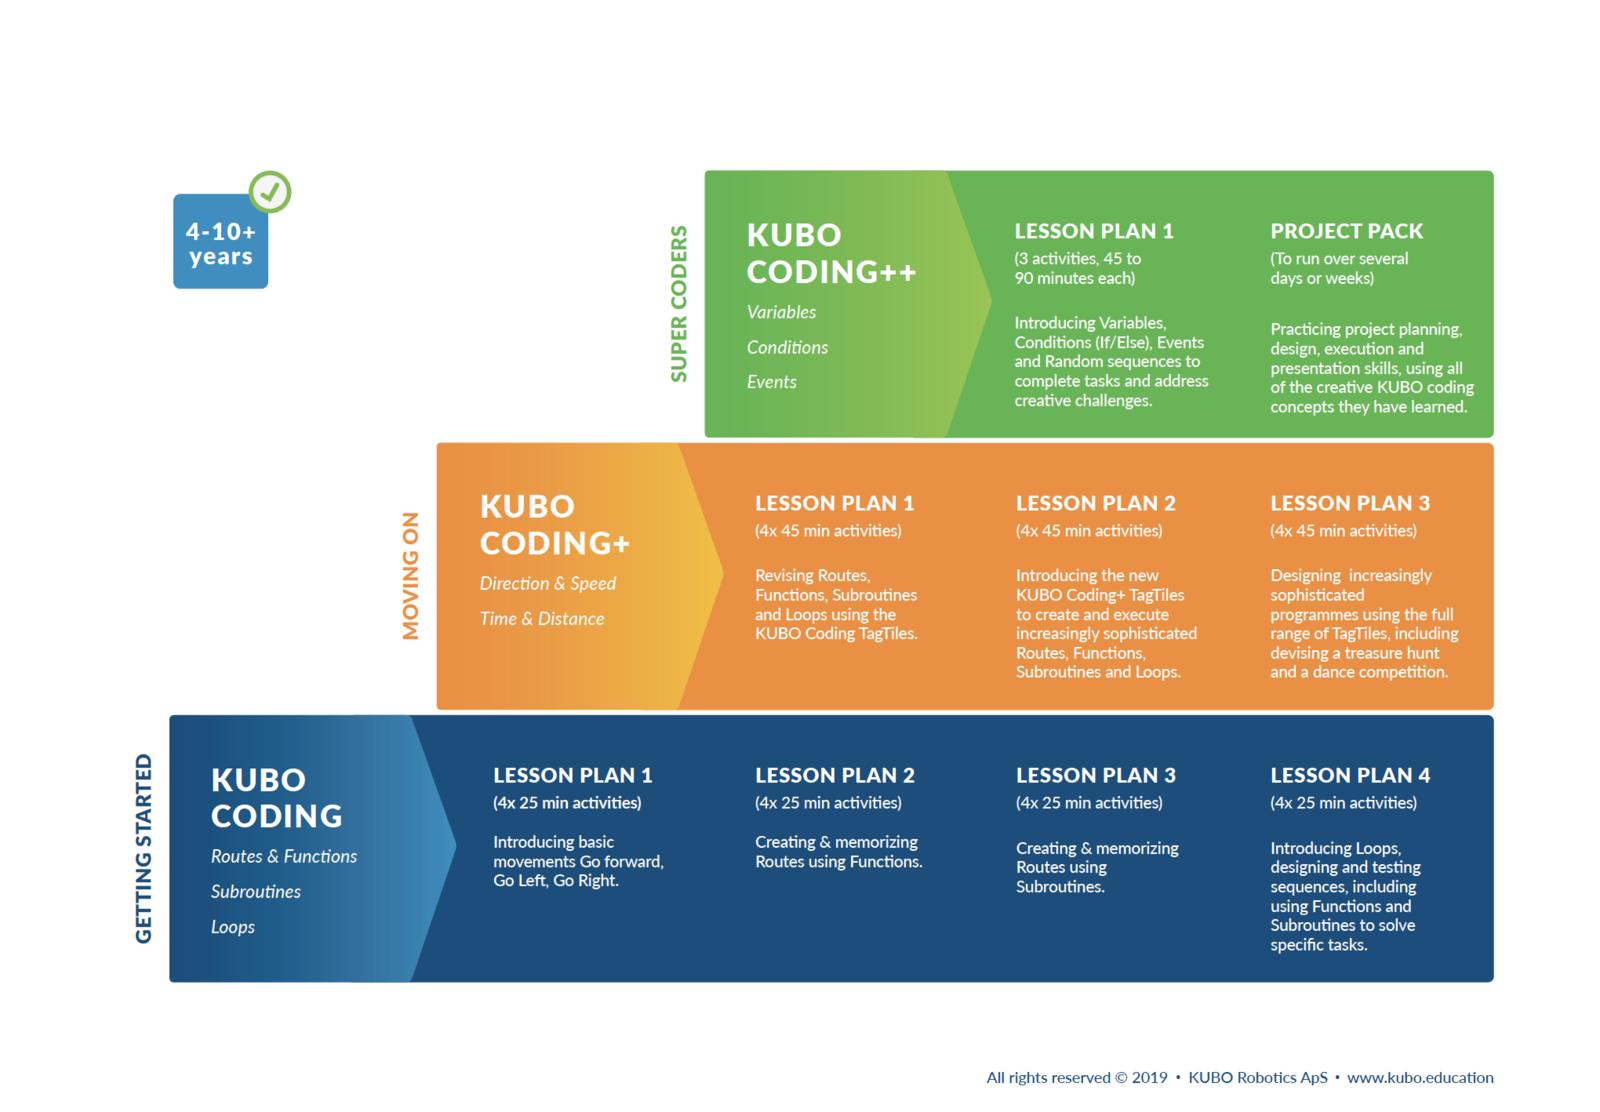 KUBO Coding Progression